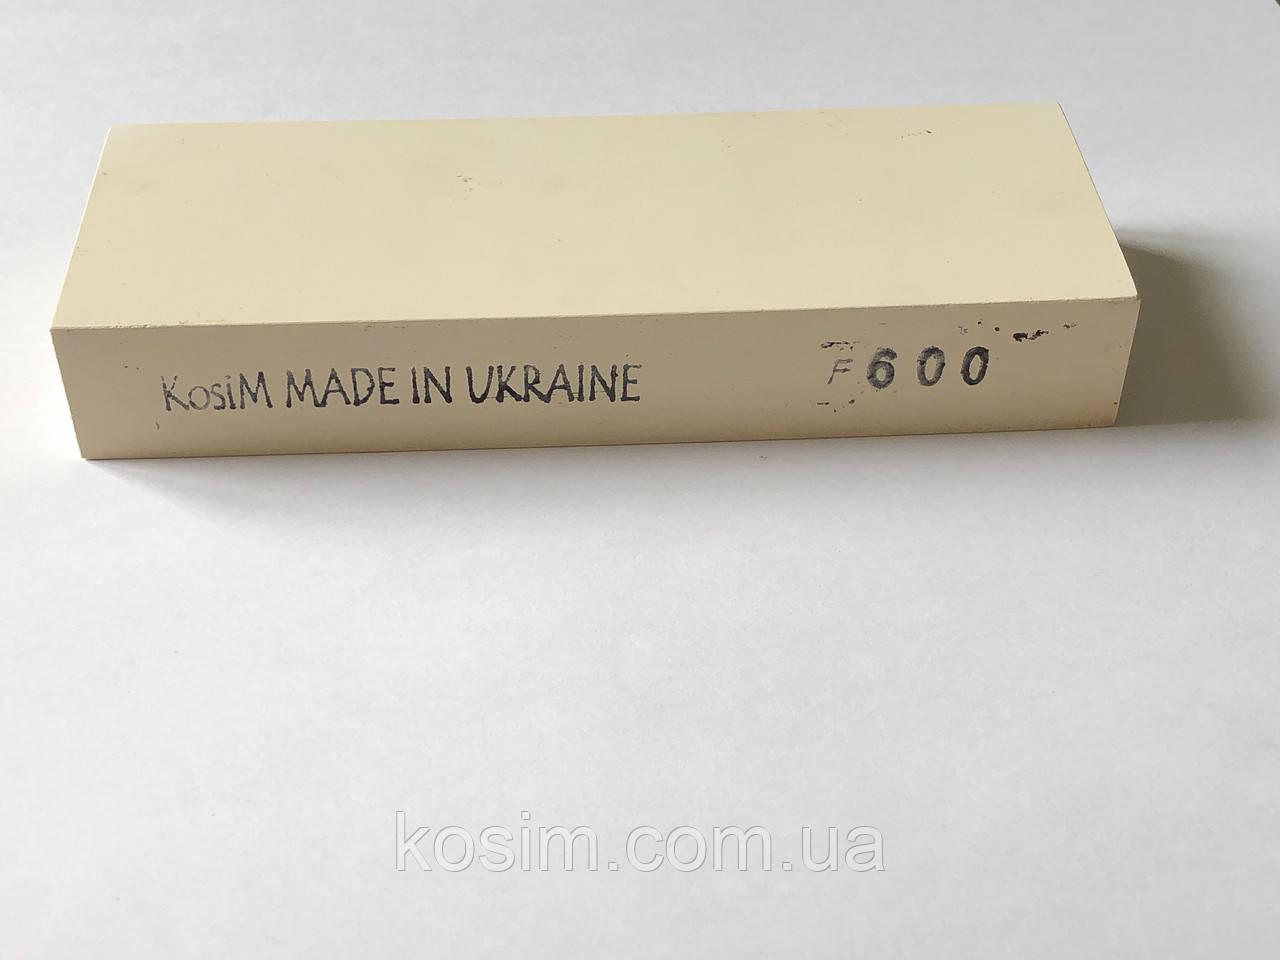 Брусок KosiM F600 1 шт 150*25*55 мм Точильные камни, для ручной заточки режущего инструмента Точилка